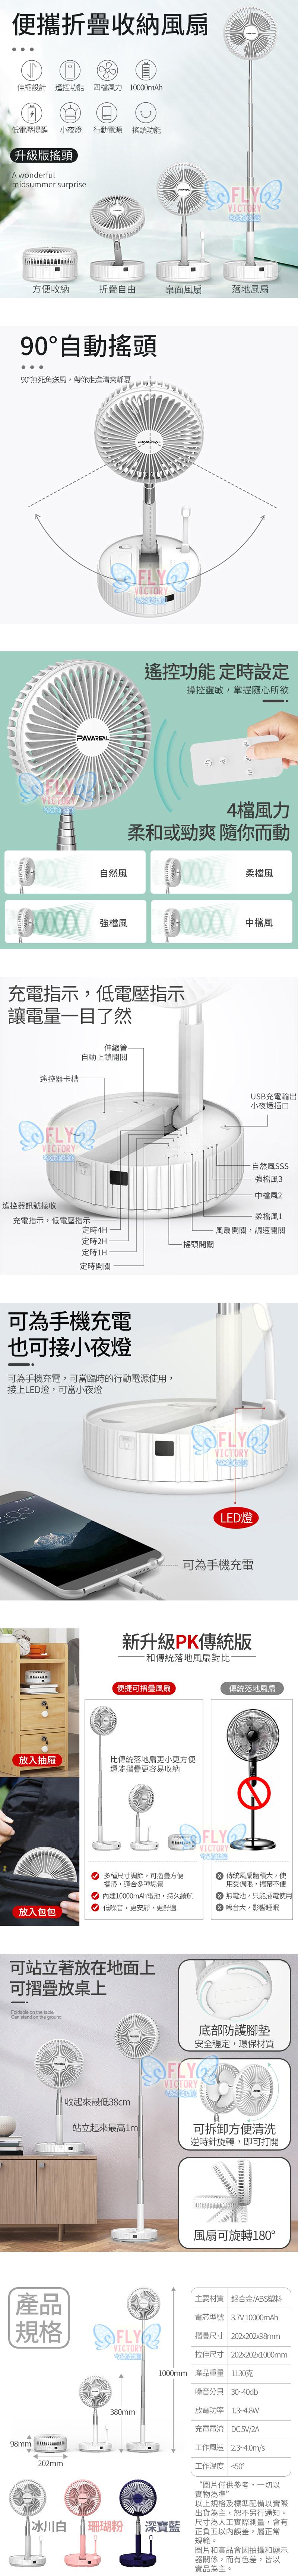 升級版 8吋伸縮折疊搖頭風扇 USB風扇 立扇 伸縮式風扇 小風扇 手持風扇 電風扇 直立扇 伸縮立扇 便攜風扇DC風扇